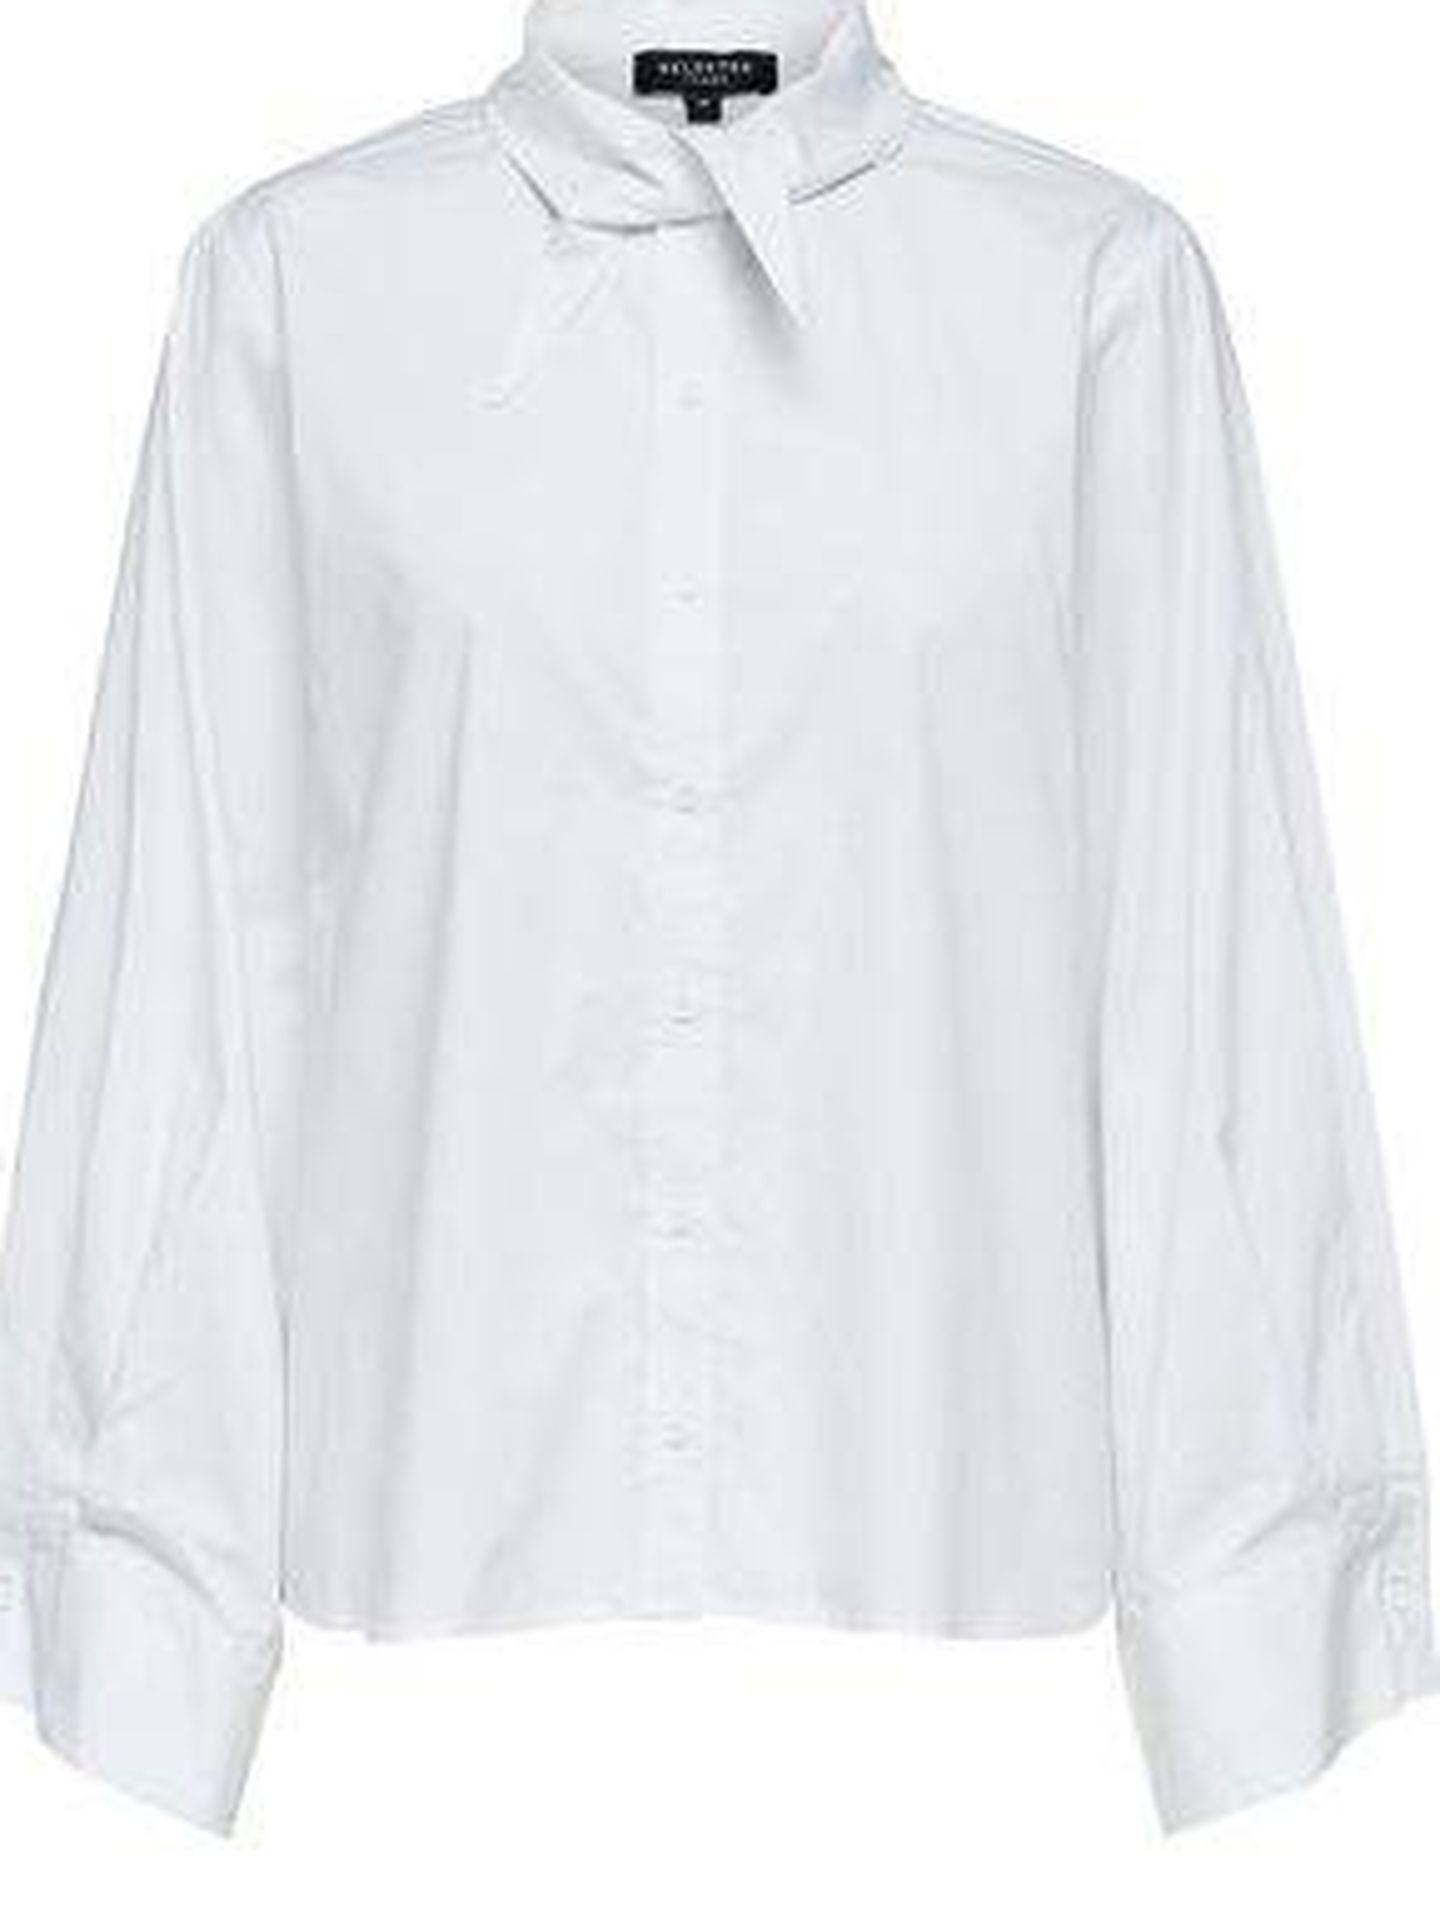 Camisas blancas hay muchas y cuantas más tengas, mejor.